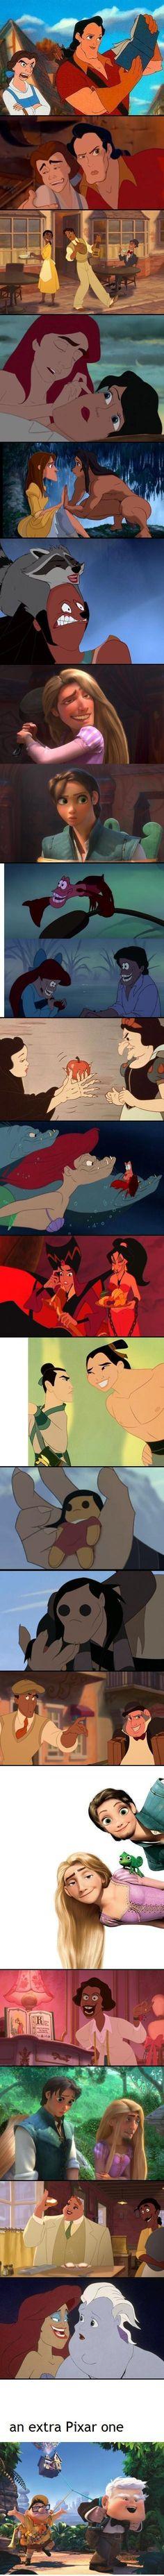 Disney face swaps. Posted on mashable.com (image credit lucygoose on imgur.com) by Neha Prakash.